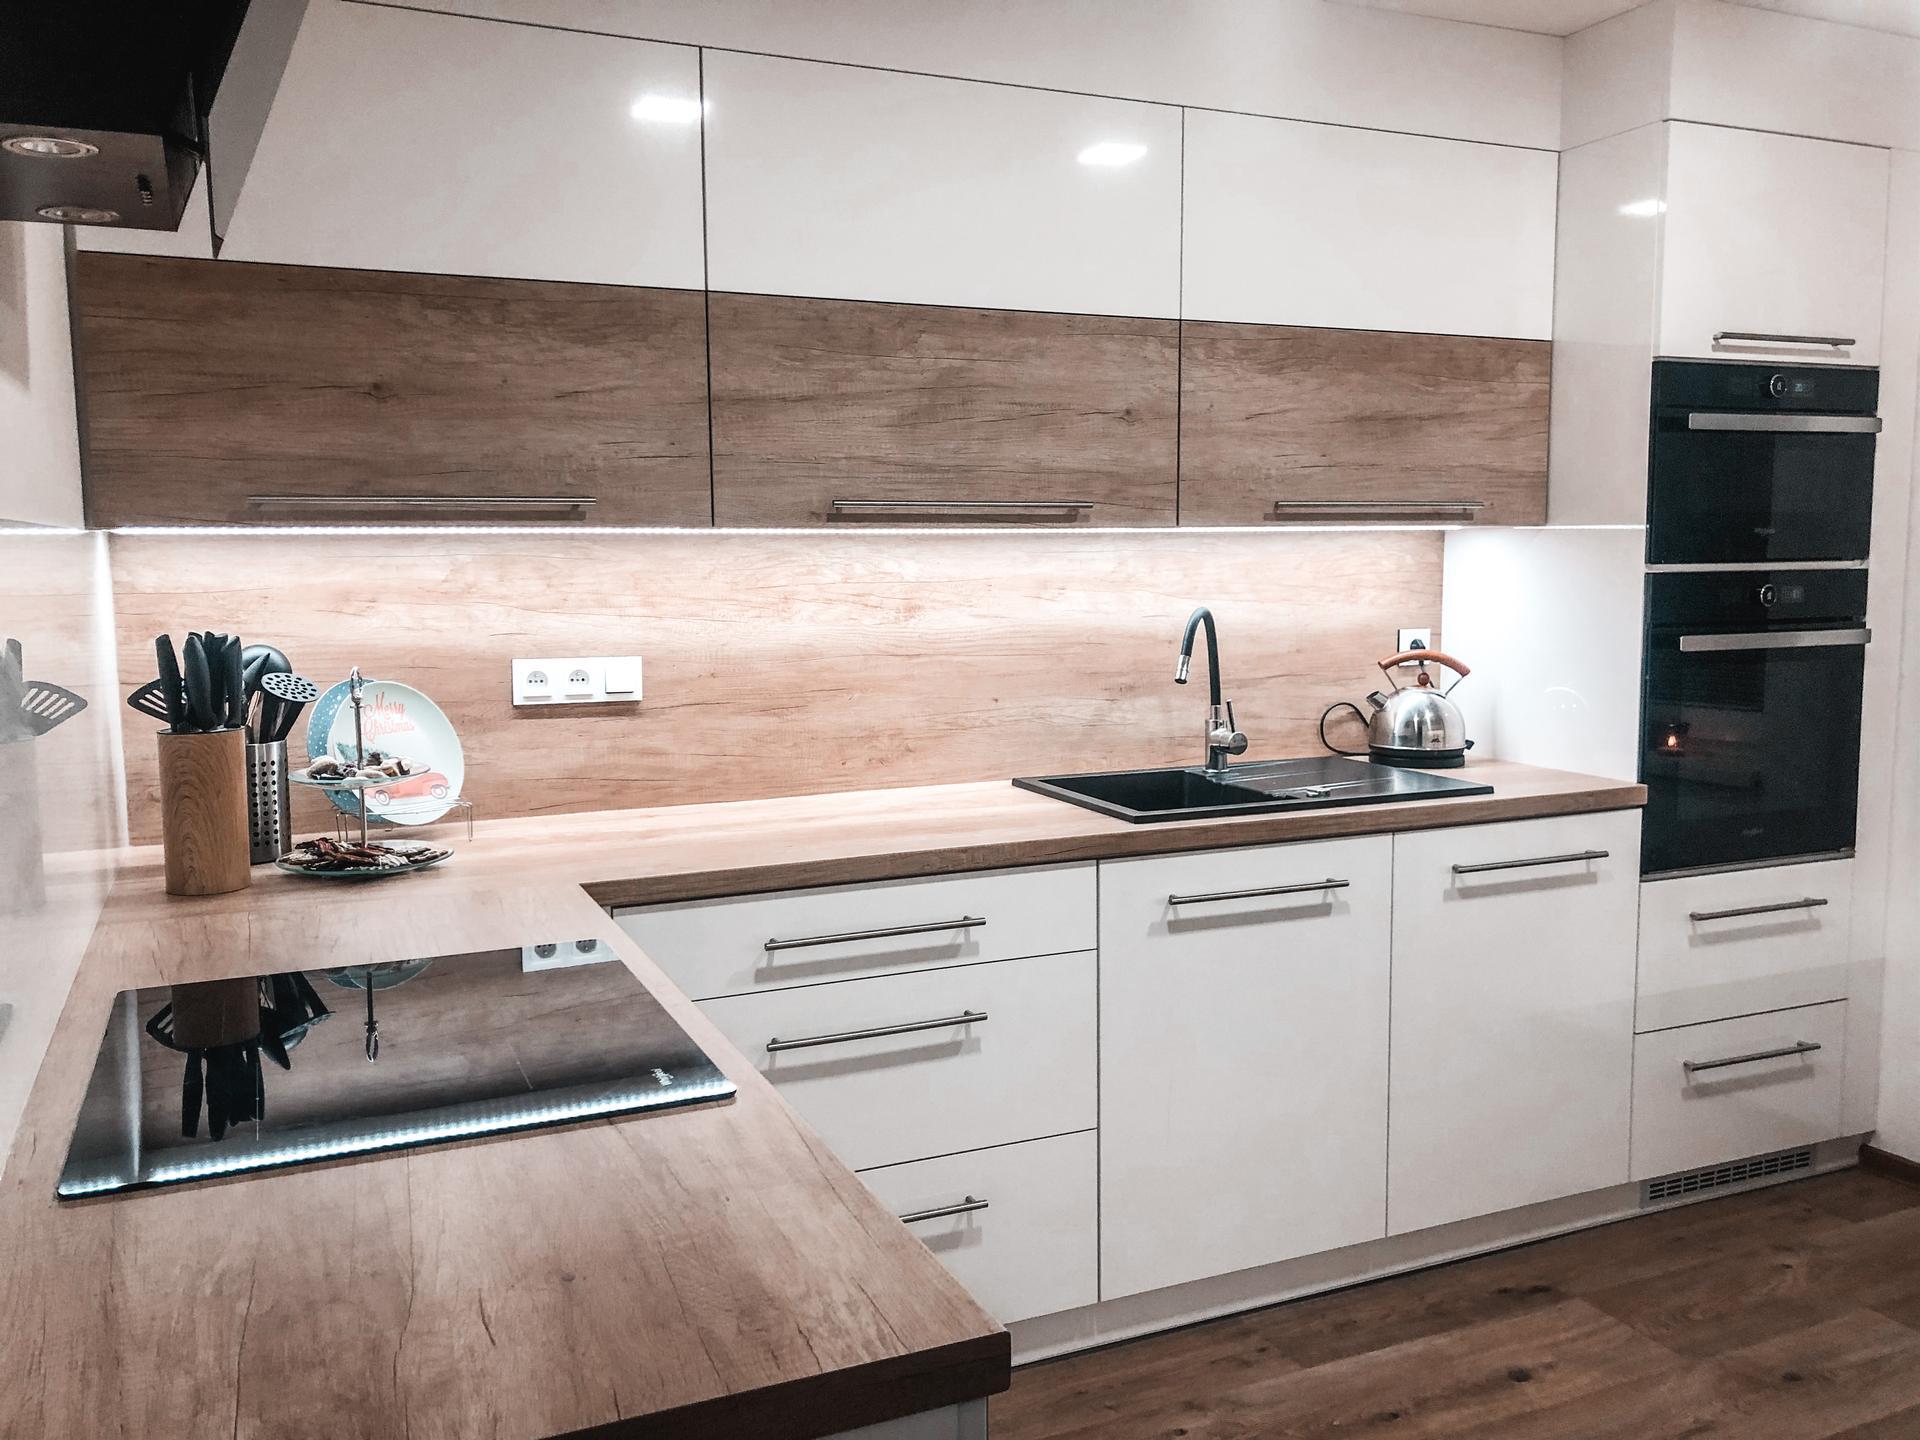 Kuchyně - Obrázek č. 31